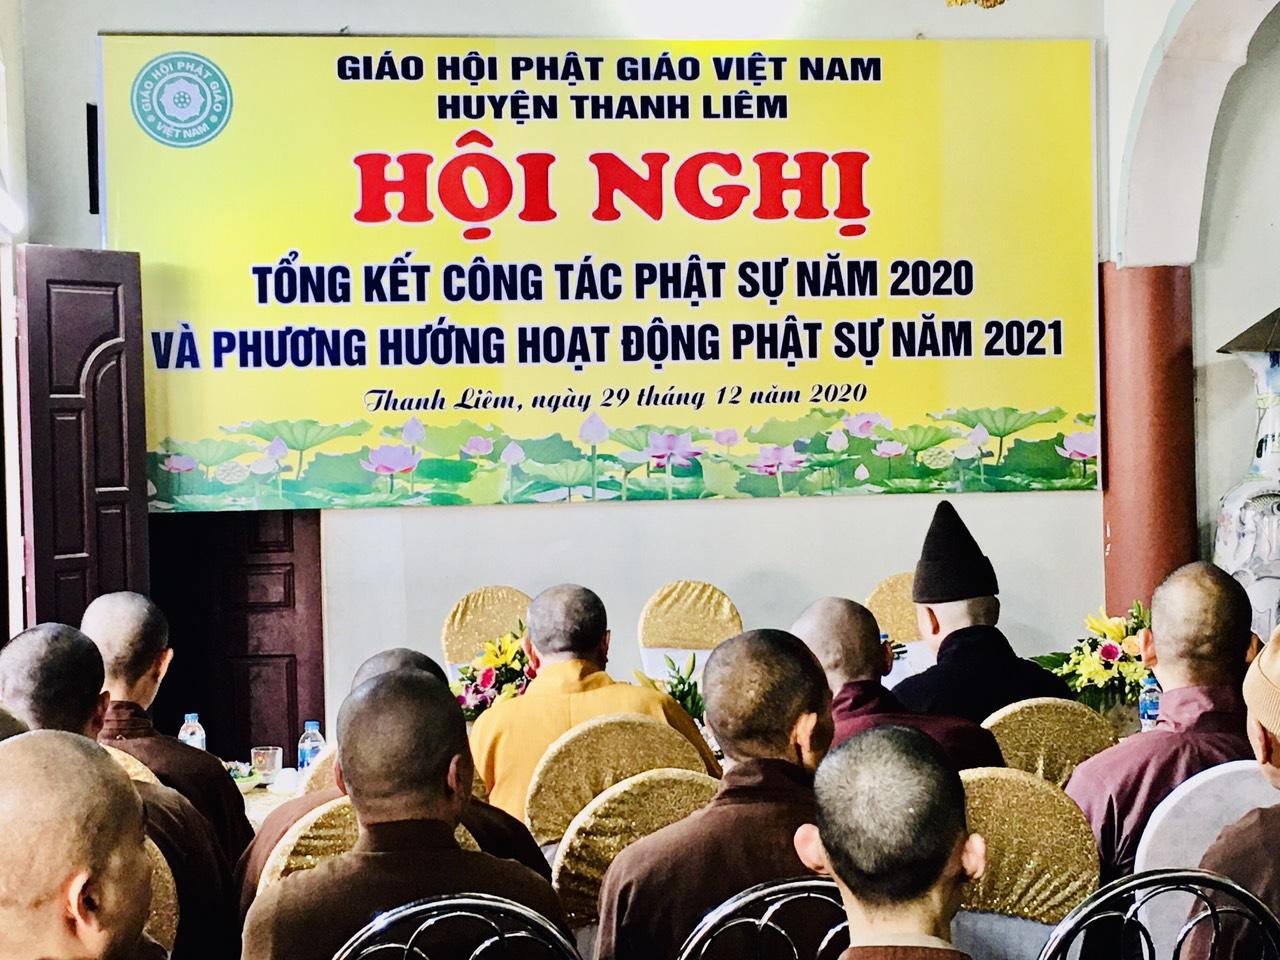 Huyện Thanh Liêm: Ban Trị sự Phật giáo huyện tổng kết công tác Phật sự năm 2020